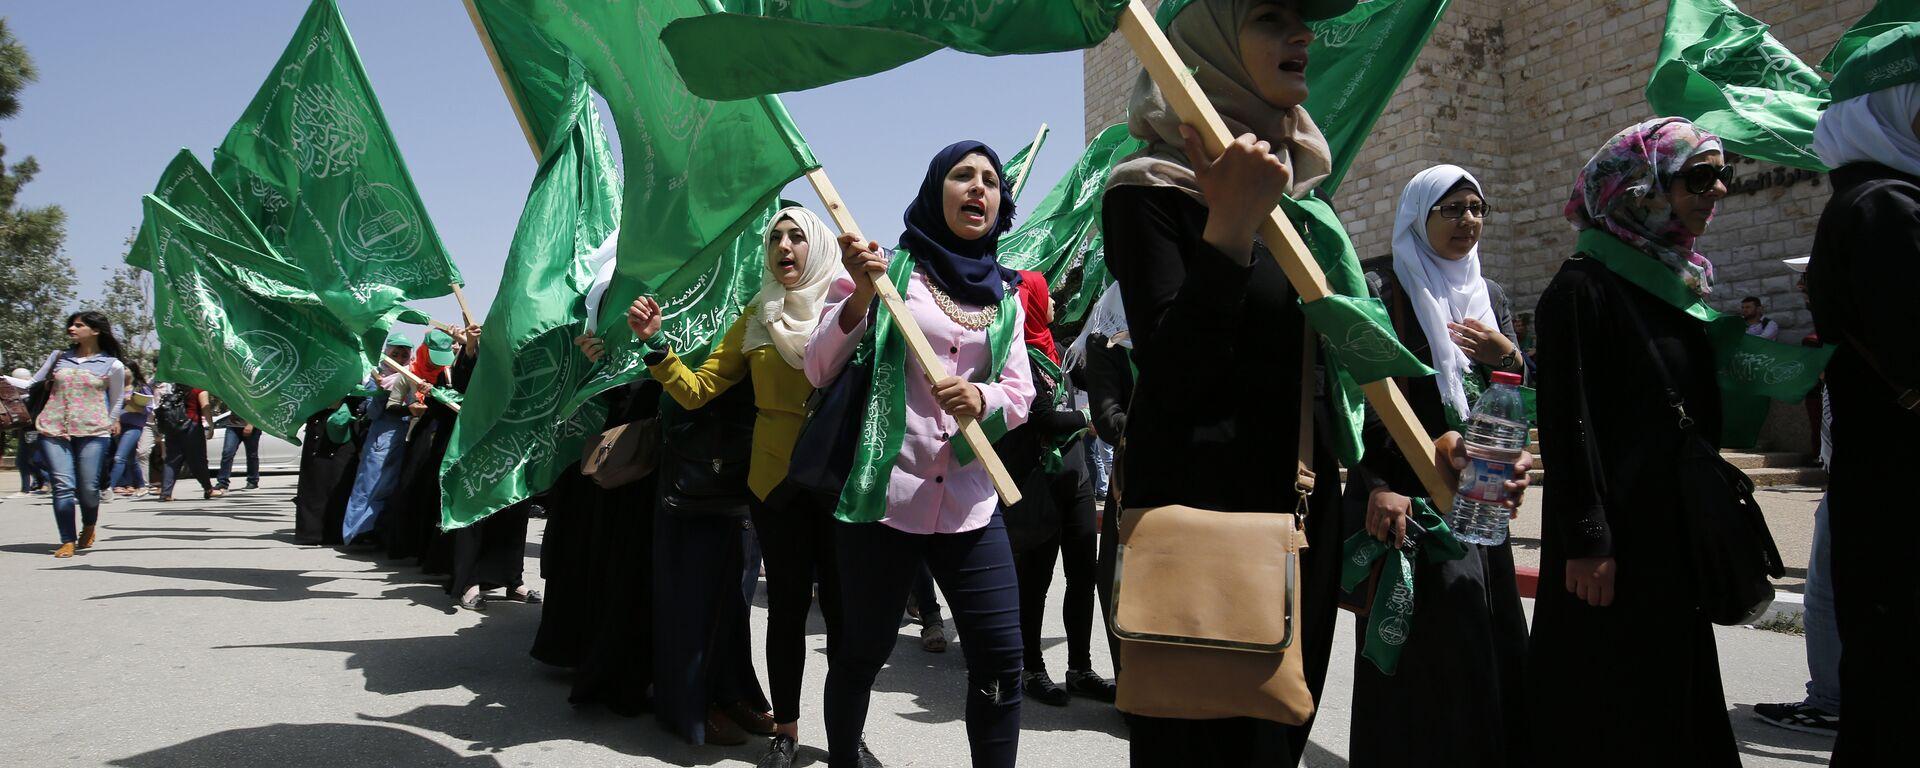 Διαδήλωση υπέρ της Χαμάς στην Παλαιστίνη - Sputnik Ελλάδα, 1920, 13.05.2021